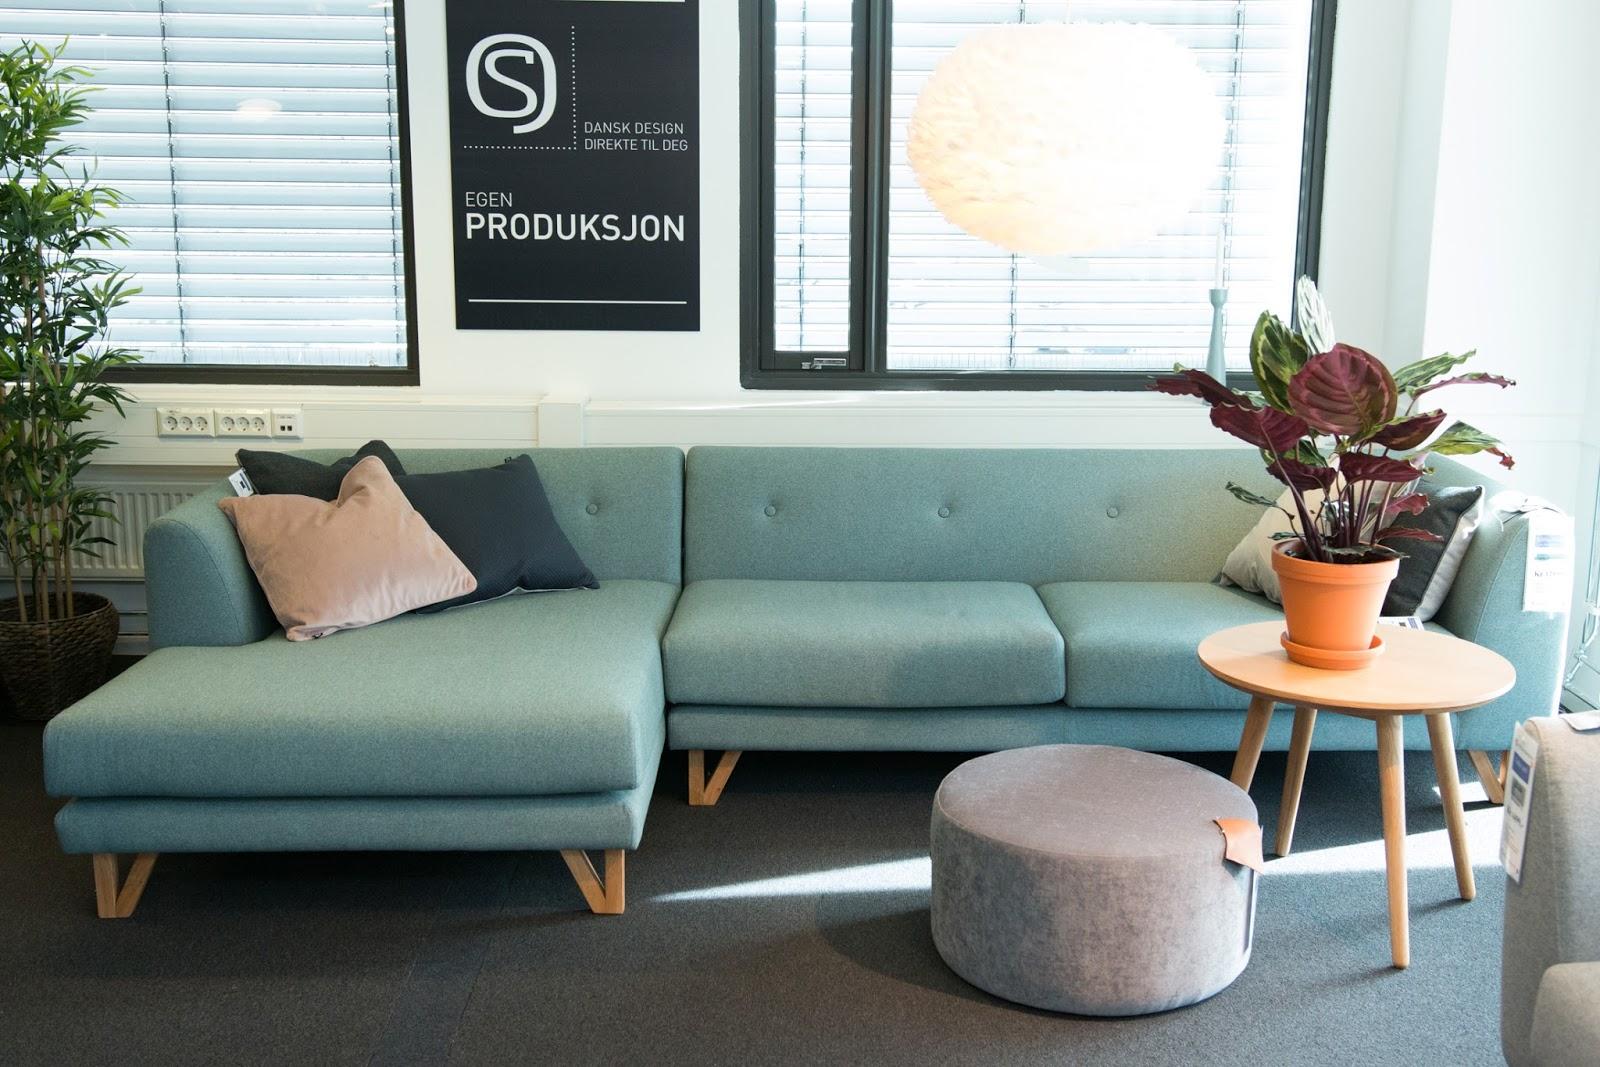 Sofa Company Nl Latest Leather Designs 2018 Style Files Sofacompany Avenue Lifestyle